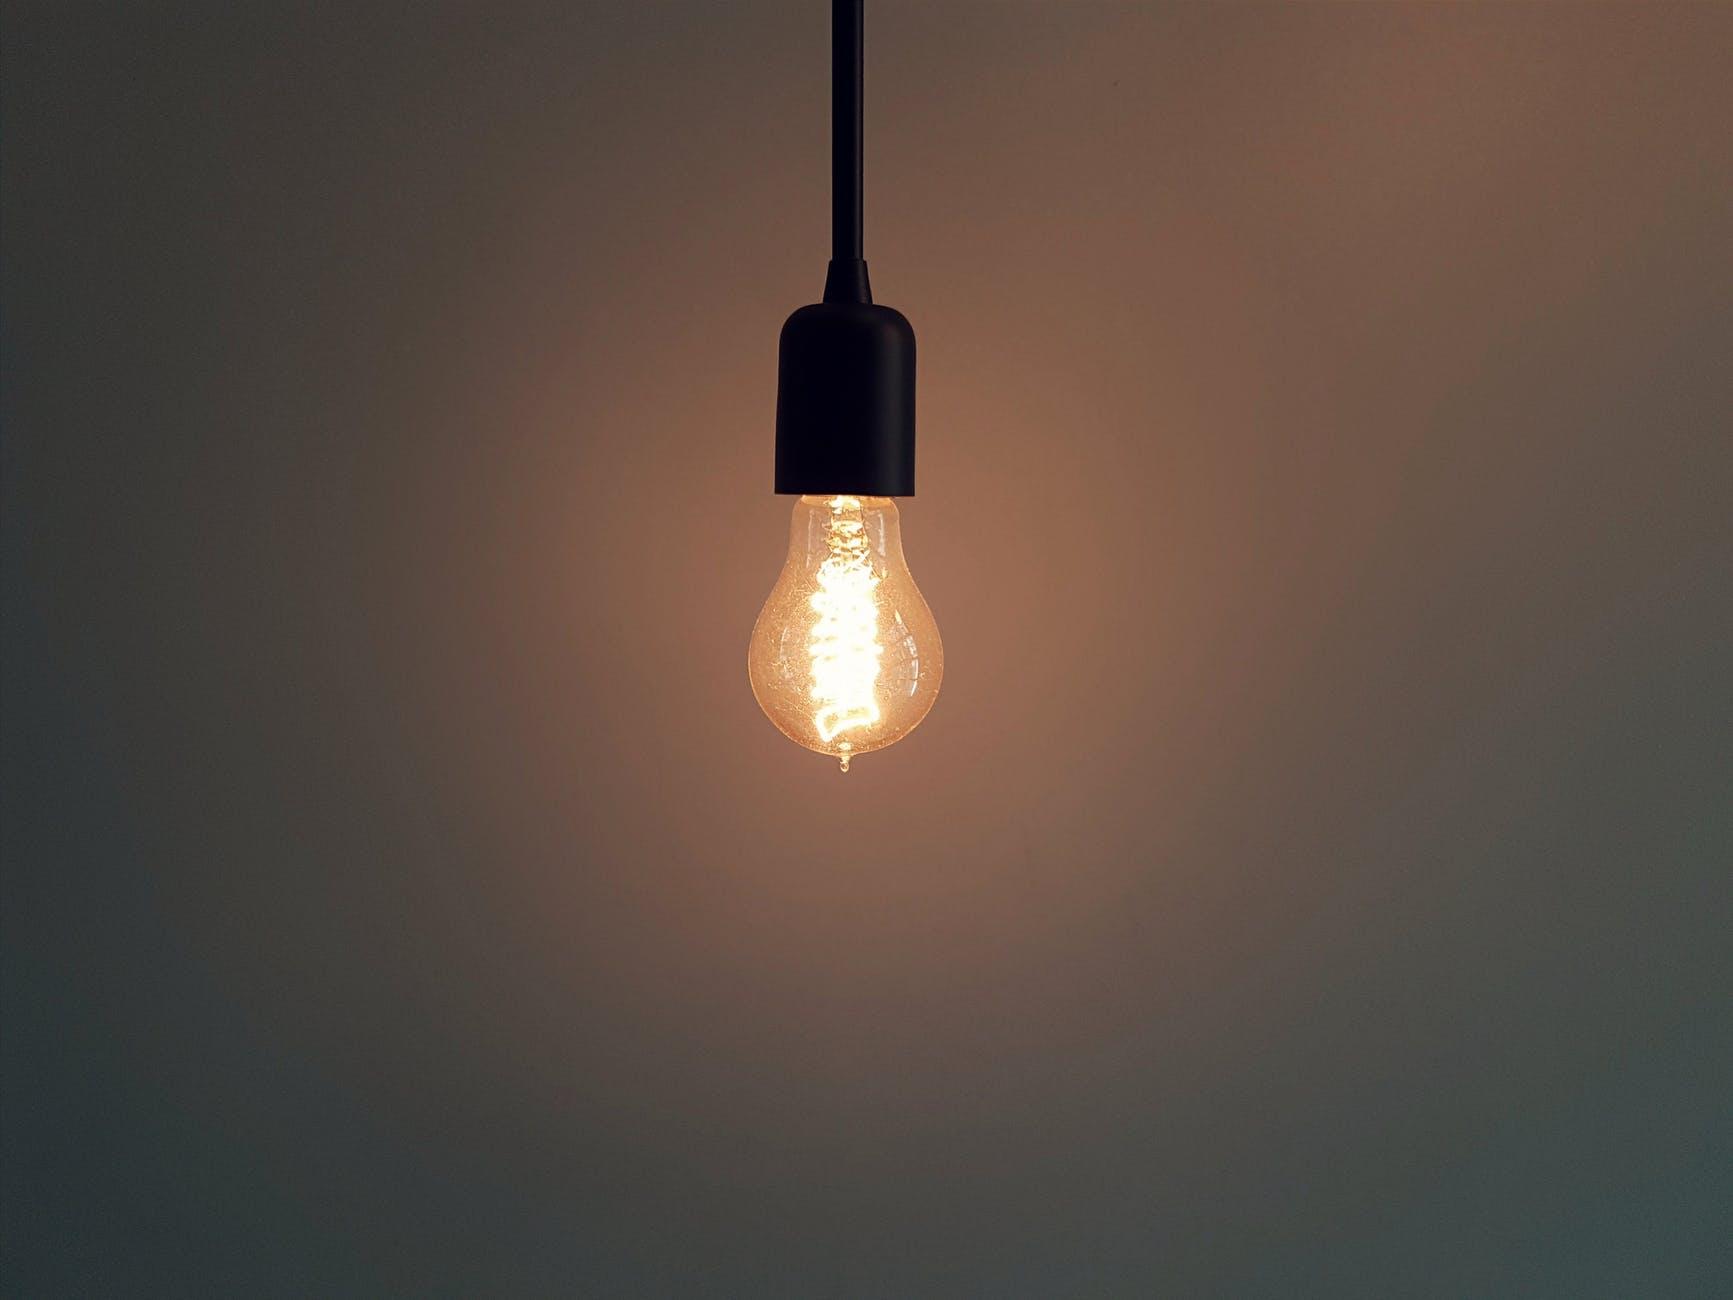 Brennende Glühbirne, die mit solar erzeugtem Strom betrieben wird